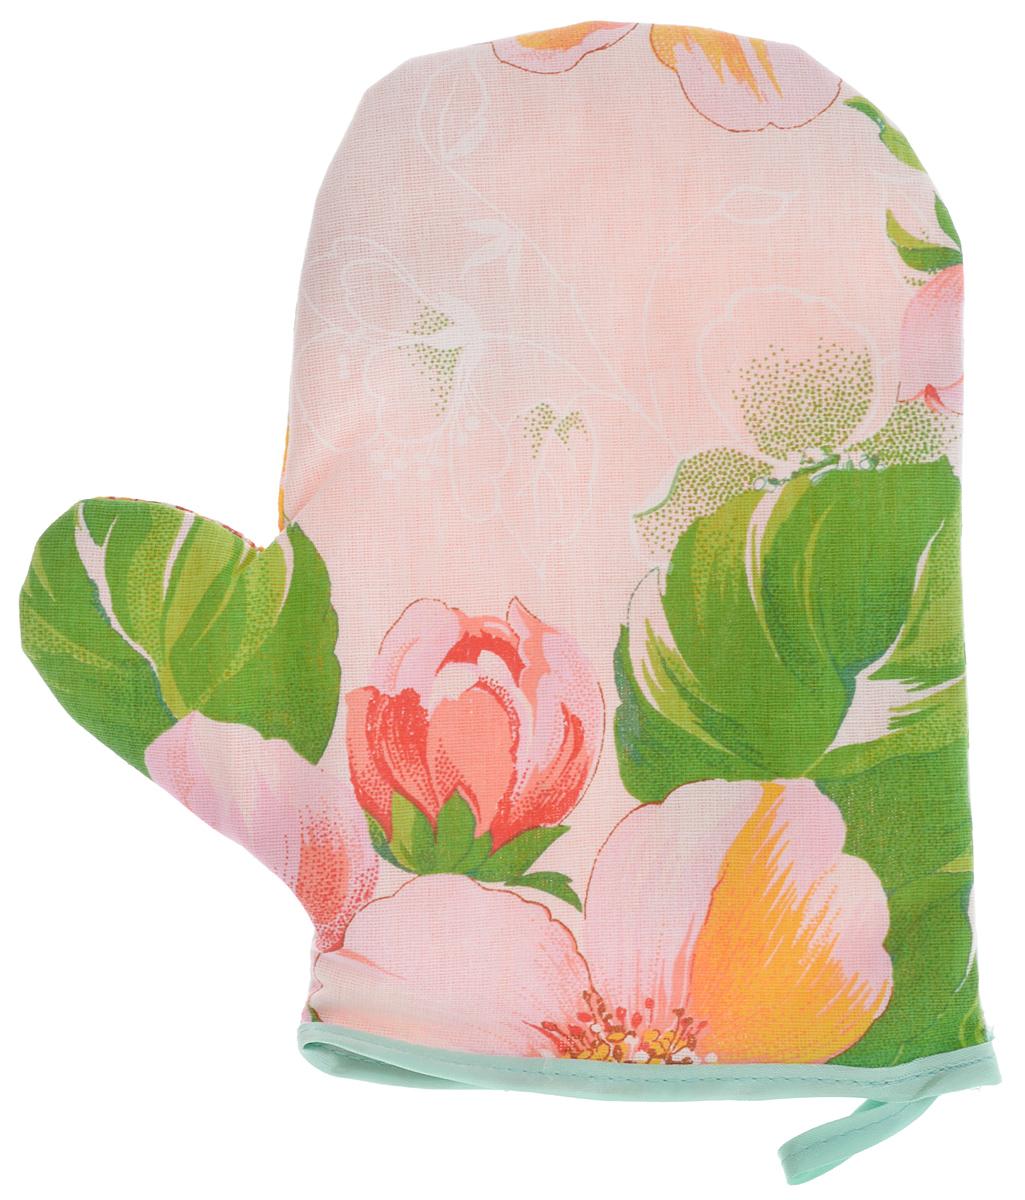 Прихватка-рукавица Roko, 16 х 28 смS03301004Прихватка-рукавица Roko, изготовленная из бязи (100% хлопка), оформлена красочным принтом. Изделие оснащено текстильной петелькой для подвешивания на крючок. Такая прихватка защитит ваши руки от высоких температур и предотвратит появление ожогов. Уважаемые клиенты! Товар поставляется в цветовом ассортименте. Поставка осуществляется в зависимости от наличия на складе.Размер изделия (ДхШ): 16 х 28 см.